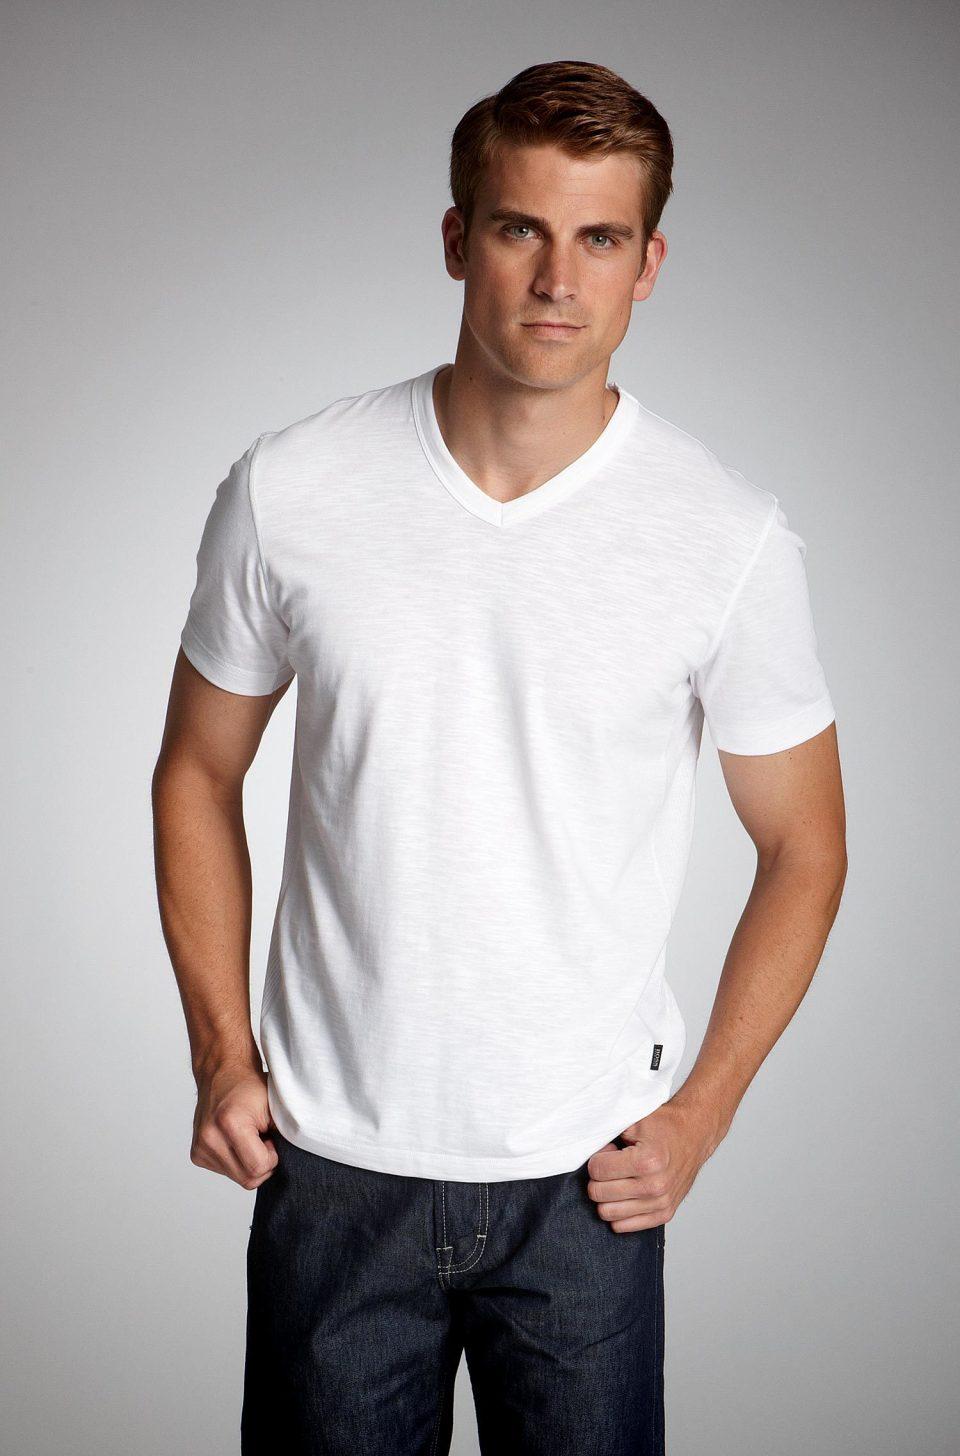 メンズファッションの標準装備「無地Tシャツ」のおすすめコーデ:これからの季節はこれで決まり! 2番目の画像